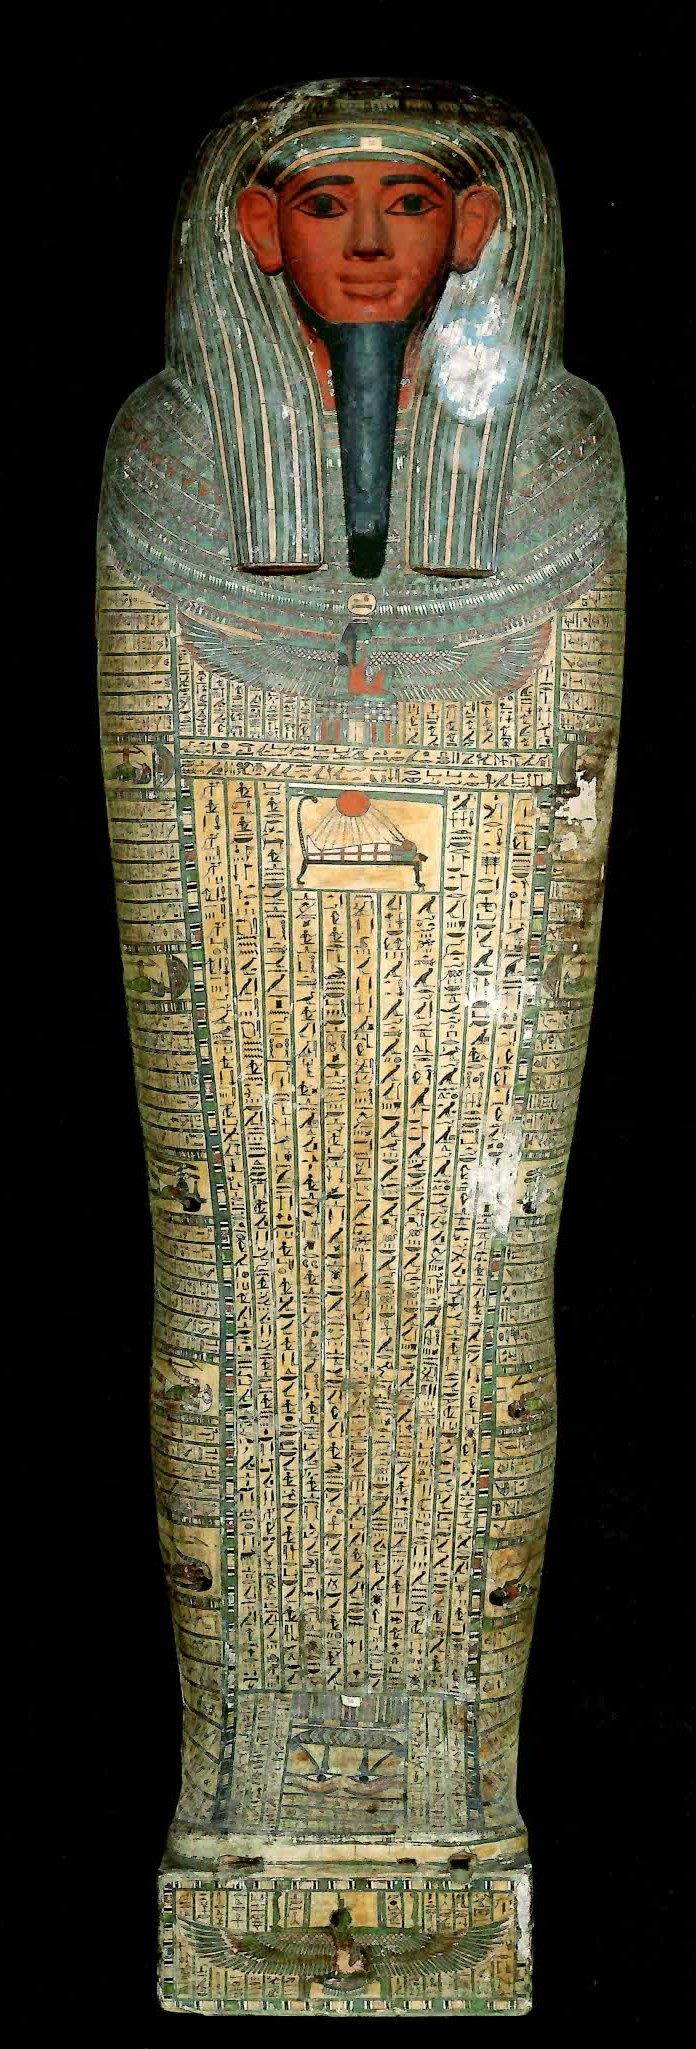 古代エジプト展 第1章 古代エジプトの死生観 呪文の変遷-(2)_c0011649_0244583.jpg